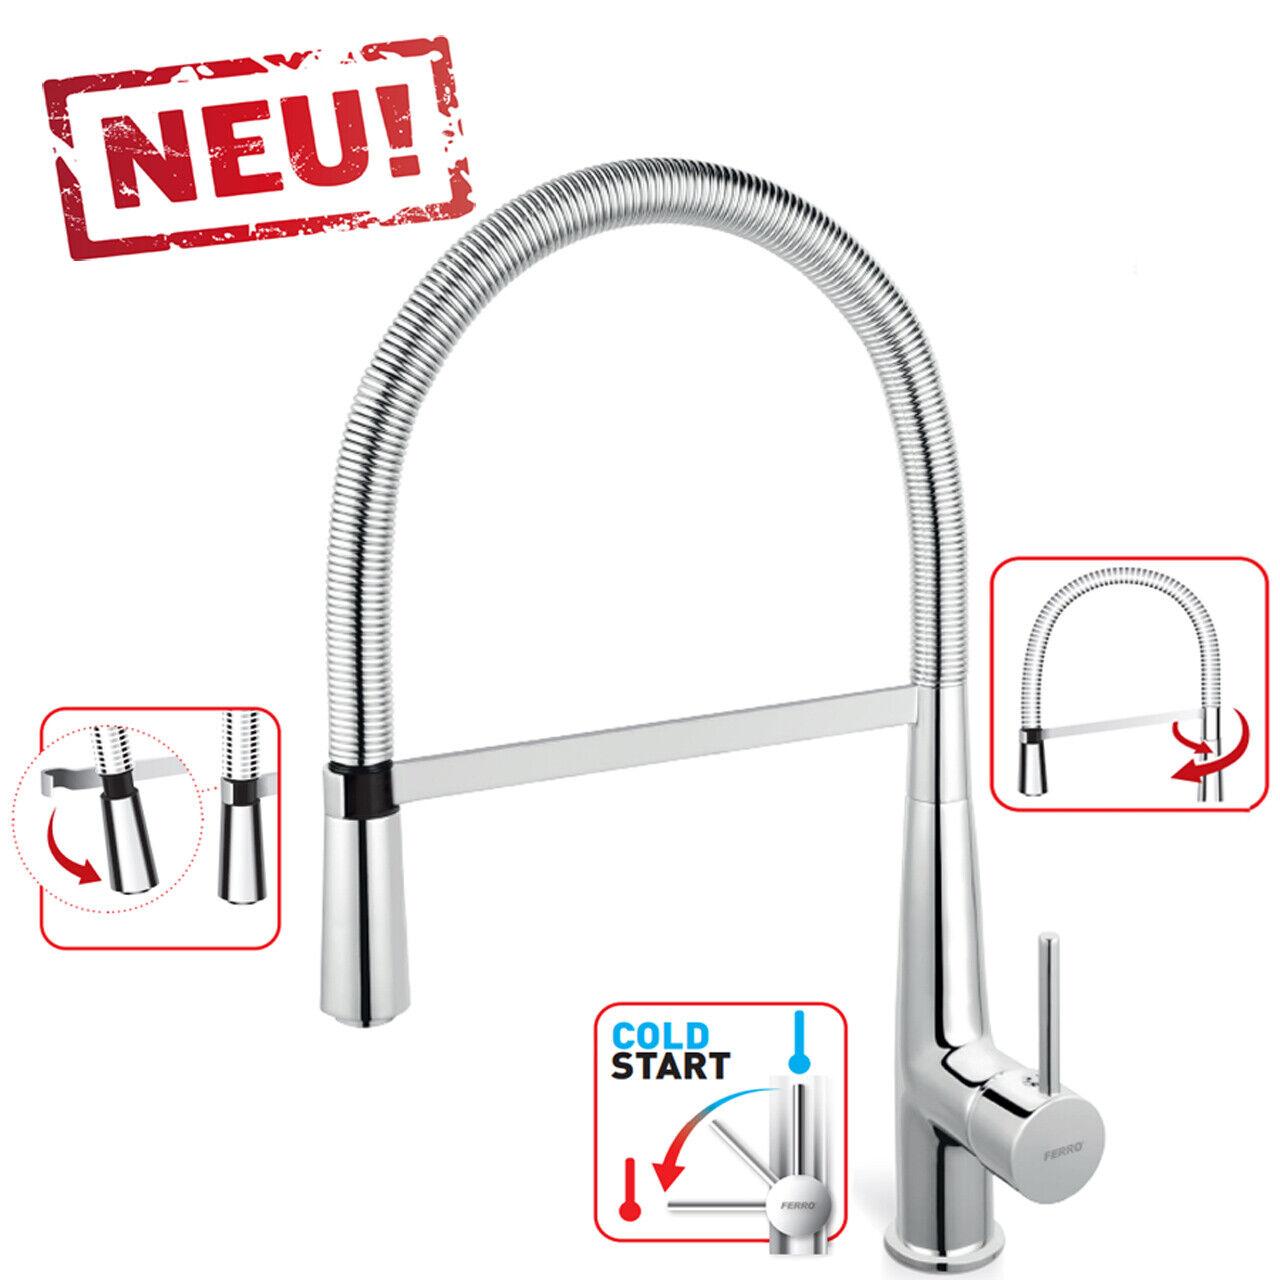 Hohe Einhebel Küchenarmatur Spültischarmatur Küchen Wasserhahn - FERRO  SONATA